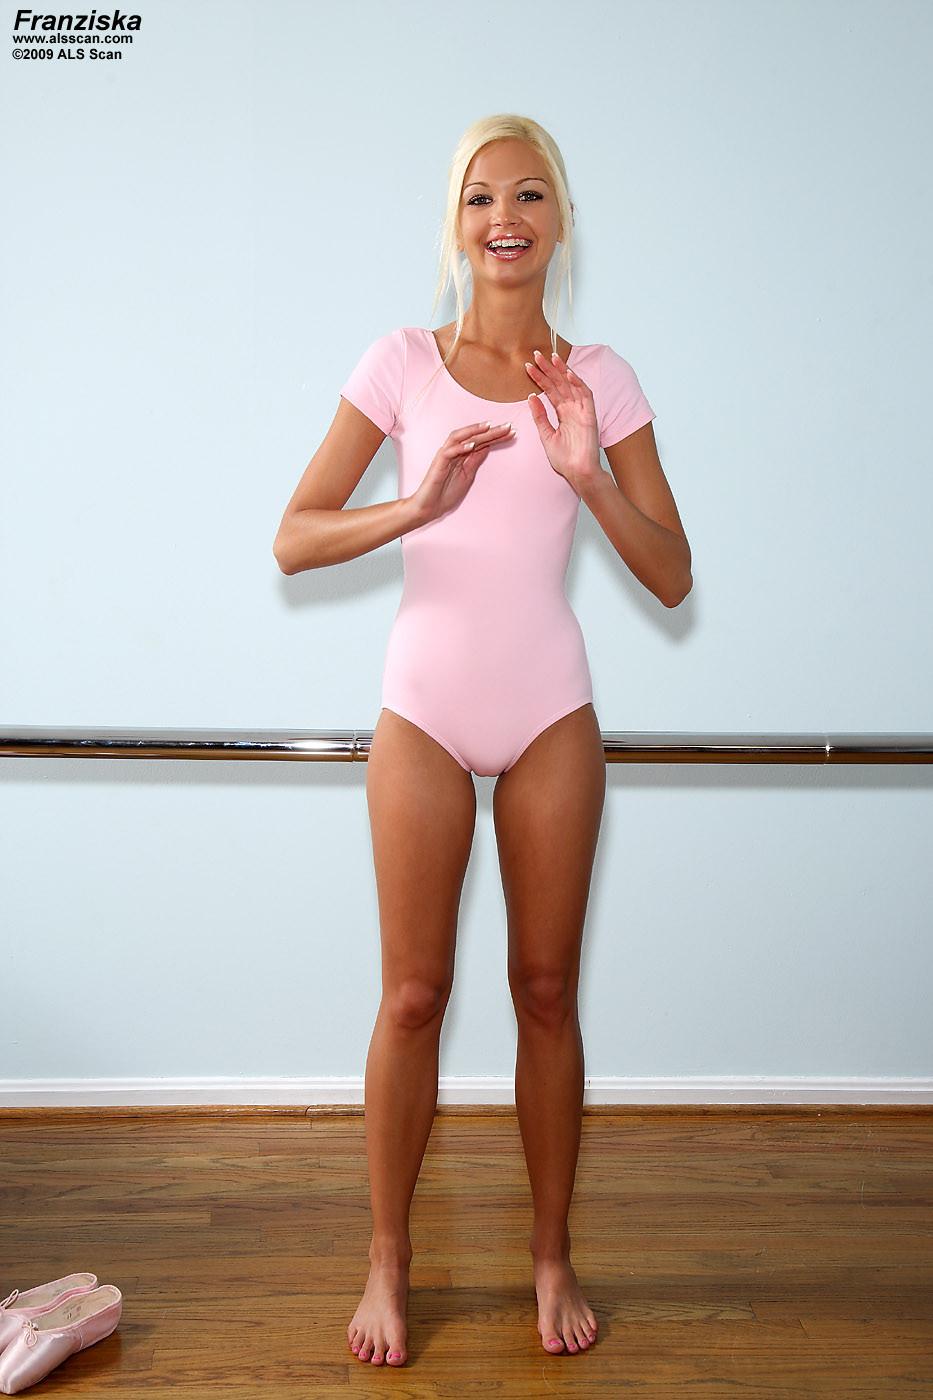 Babes skinny milf tits flexible als pics